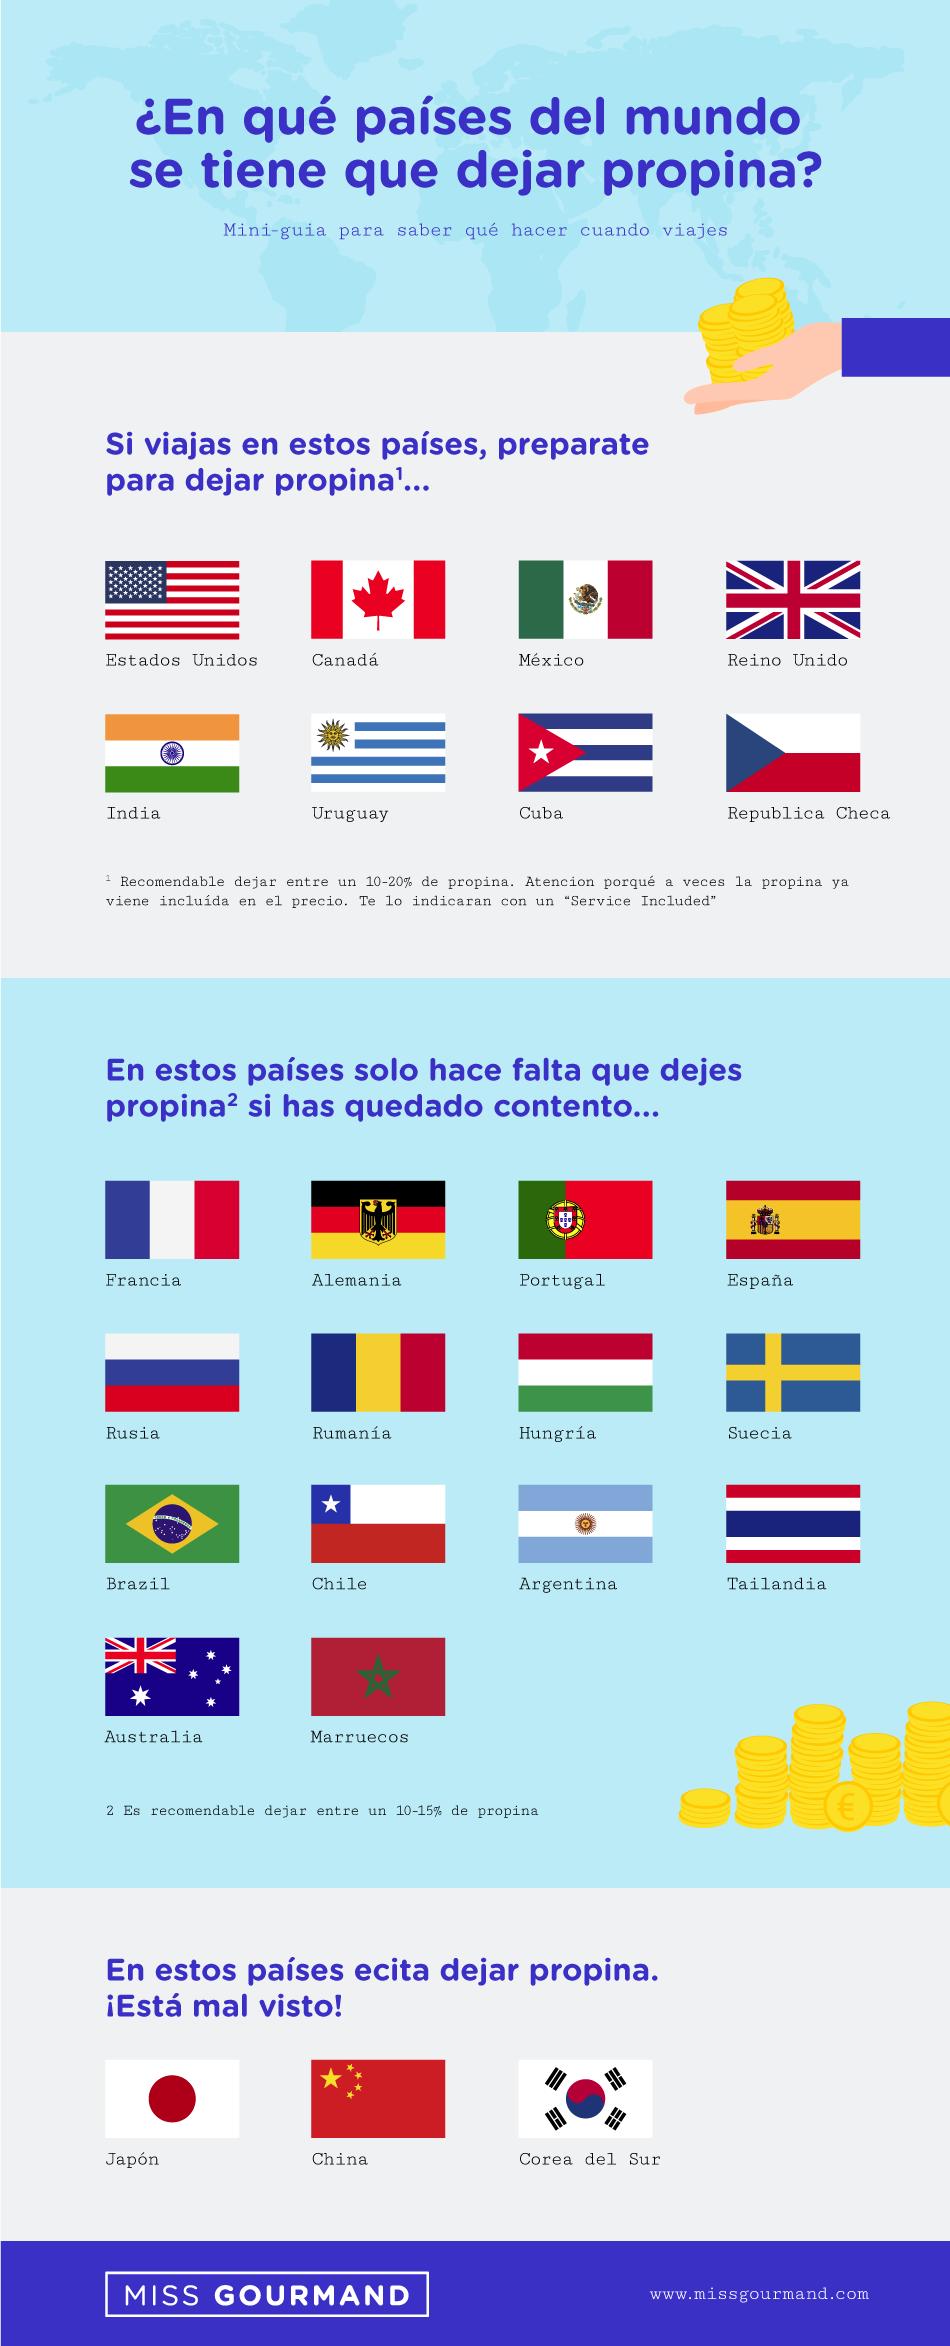 Dejar propina en los principales países del mundo